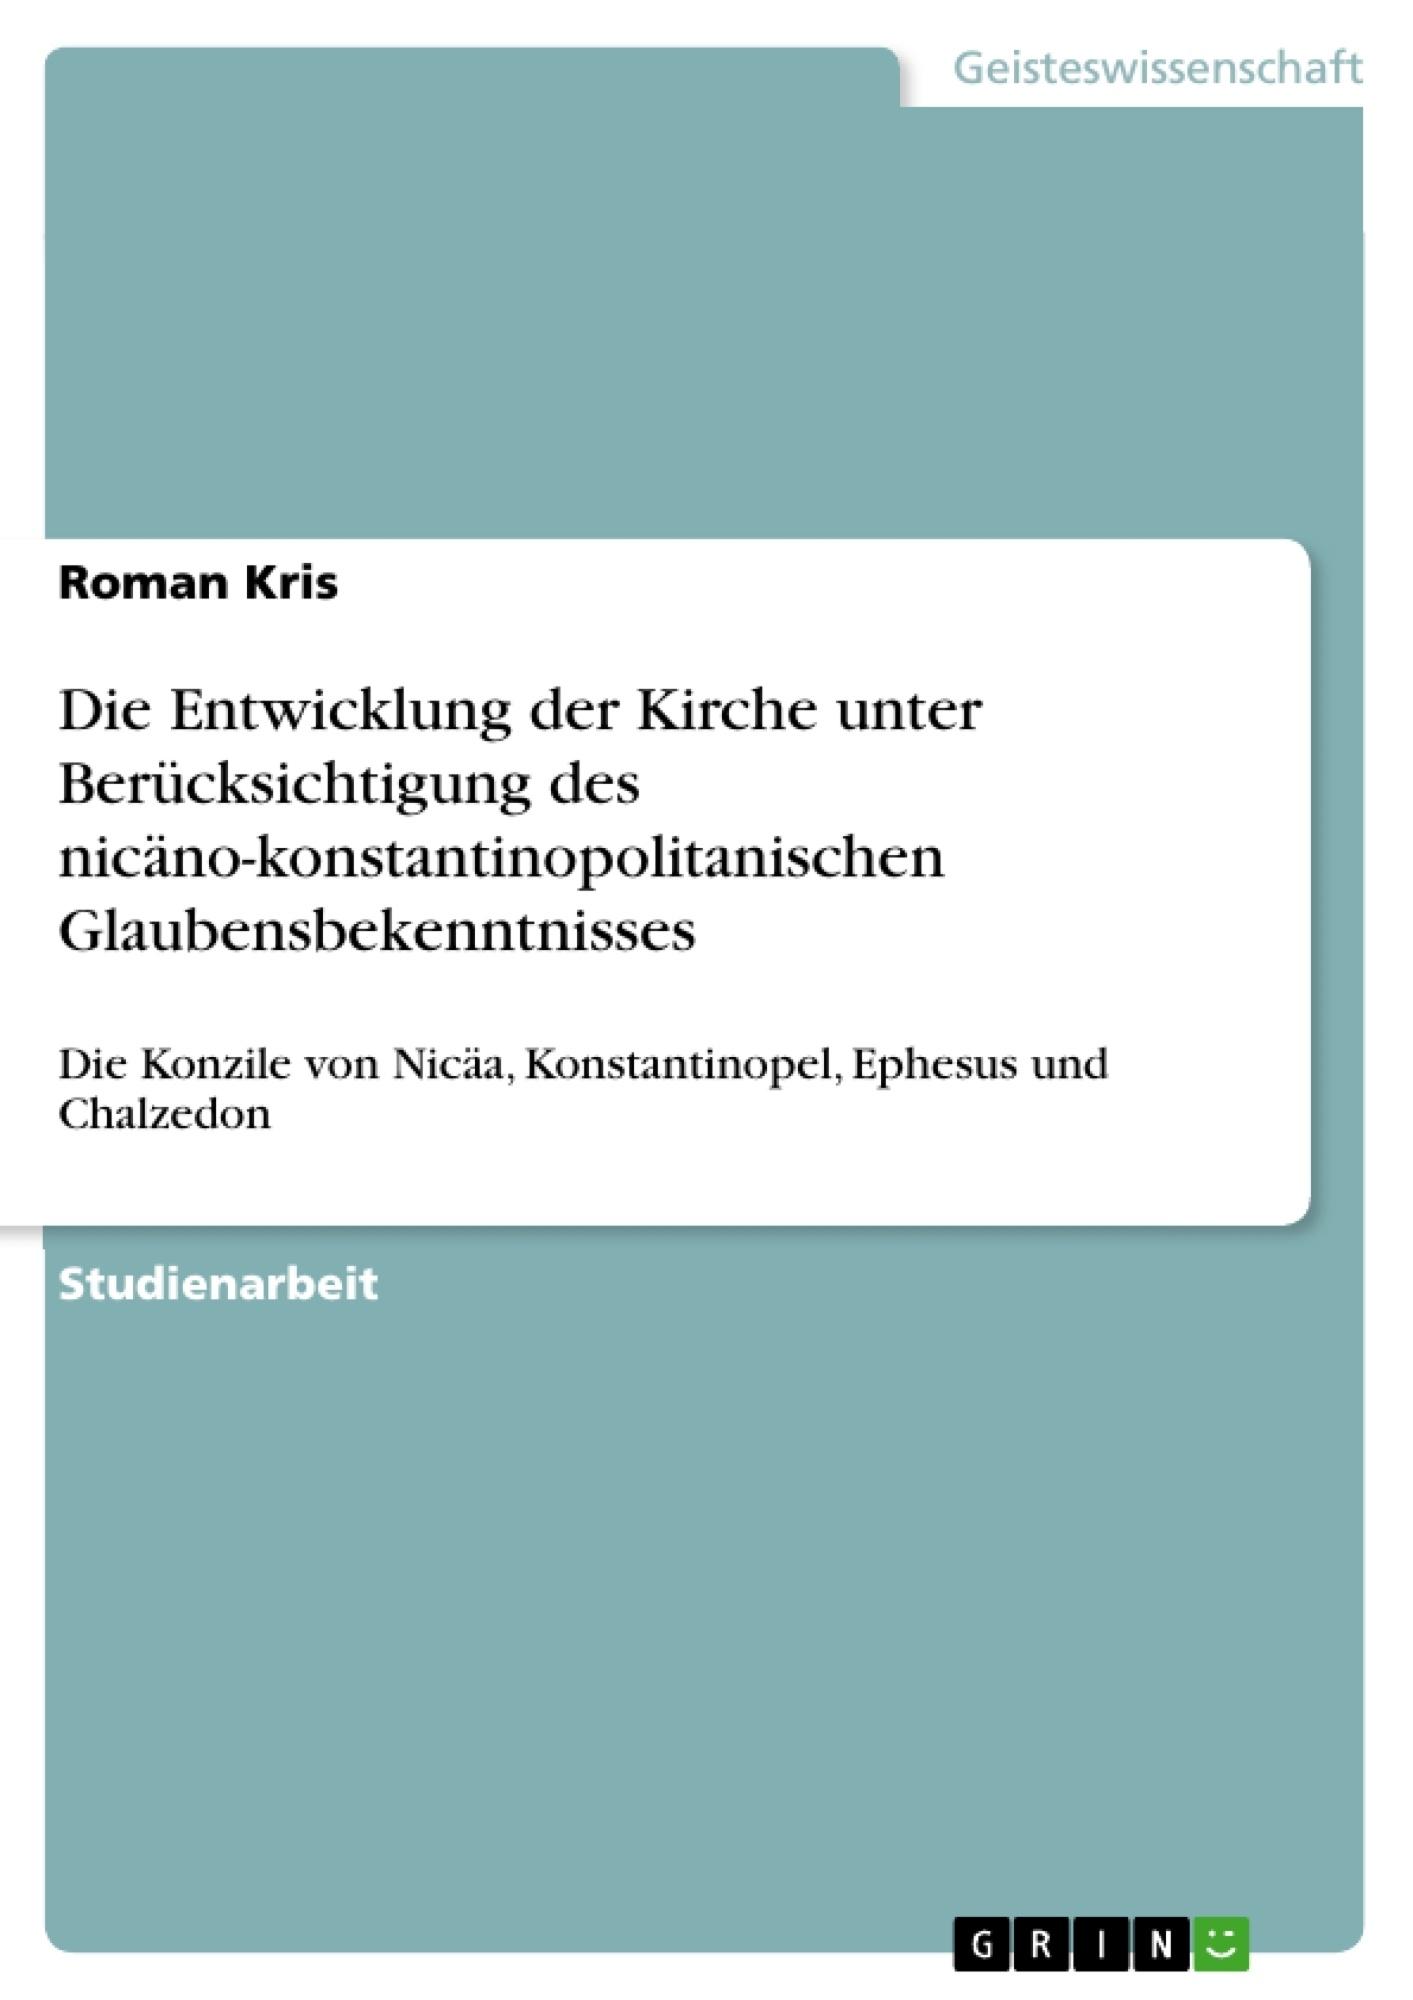 Titel: Die Entwicklung der Kirche unter Berücksichtigung des nicäno-konstantinopolitanischen Glaubensbekenntnisses